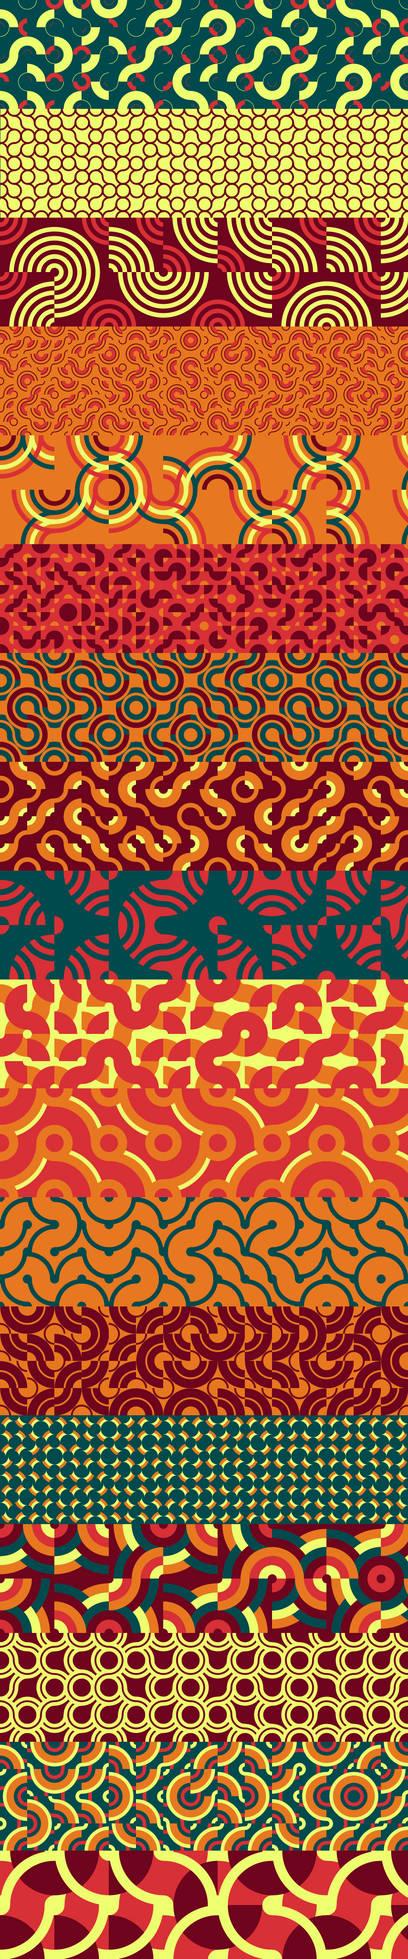 Aarc Patterns